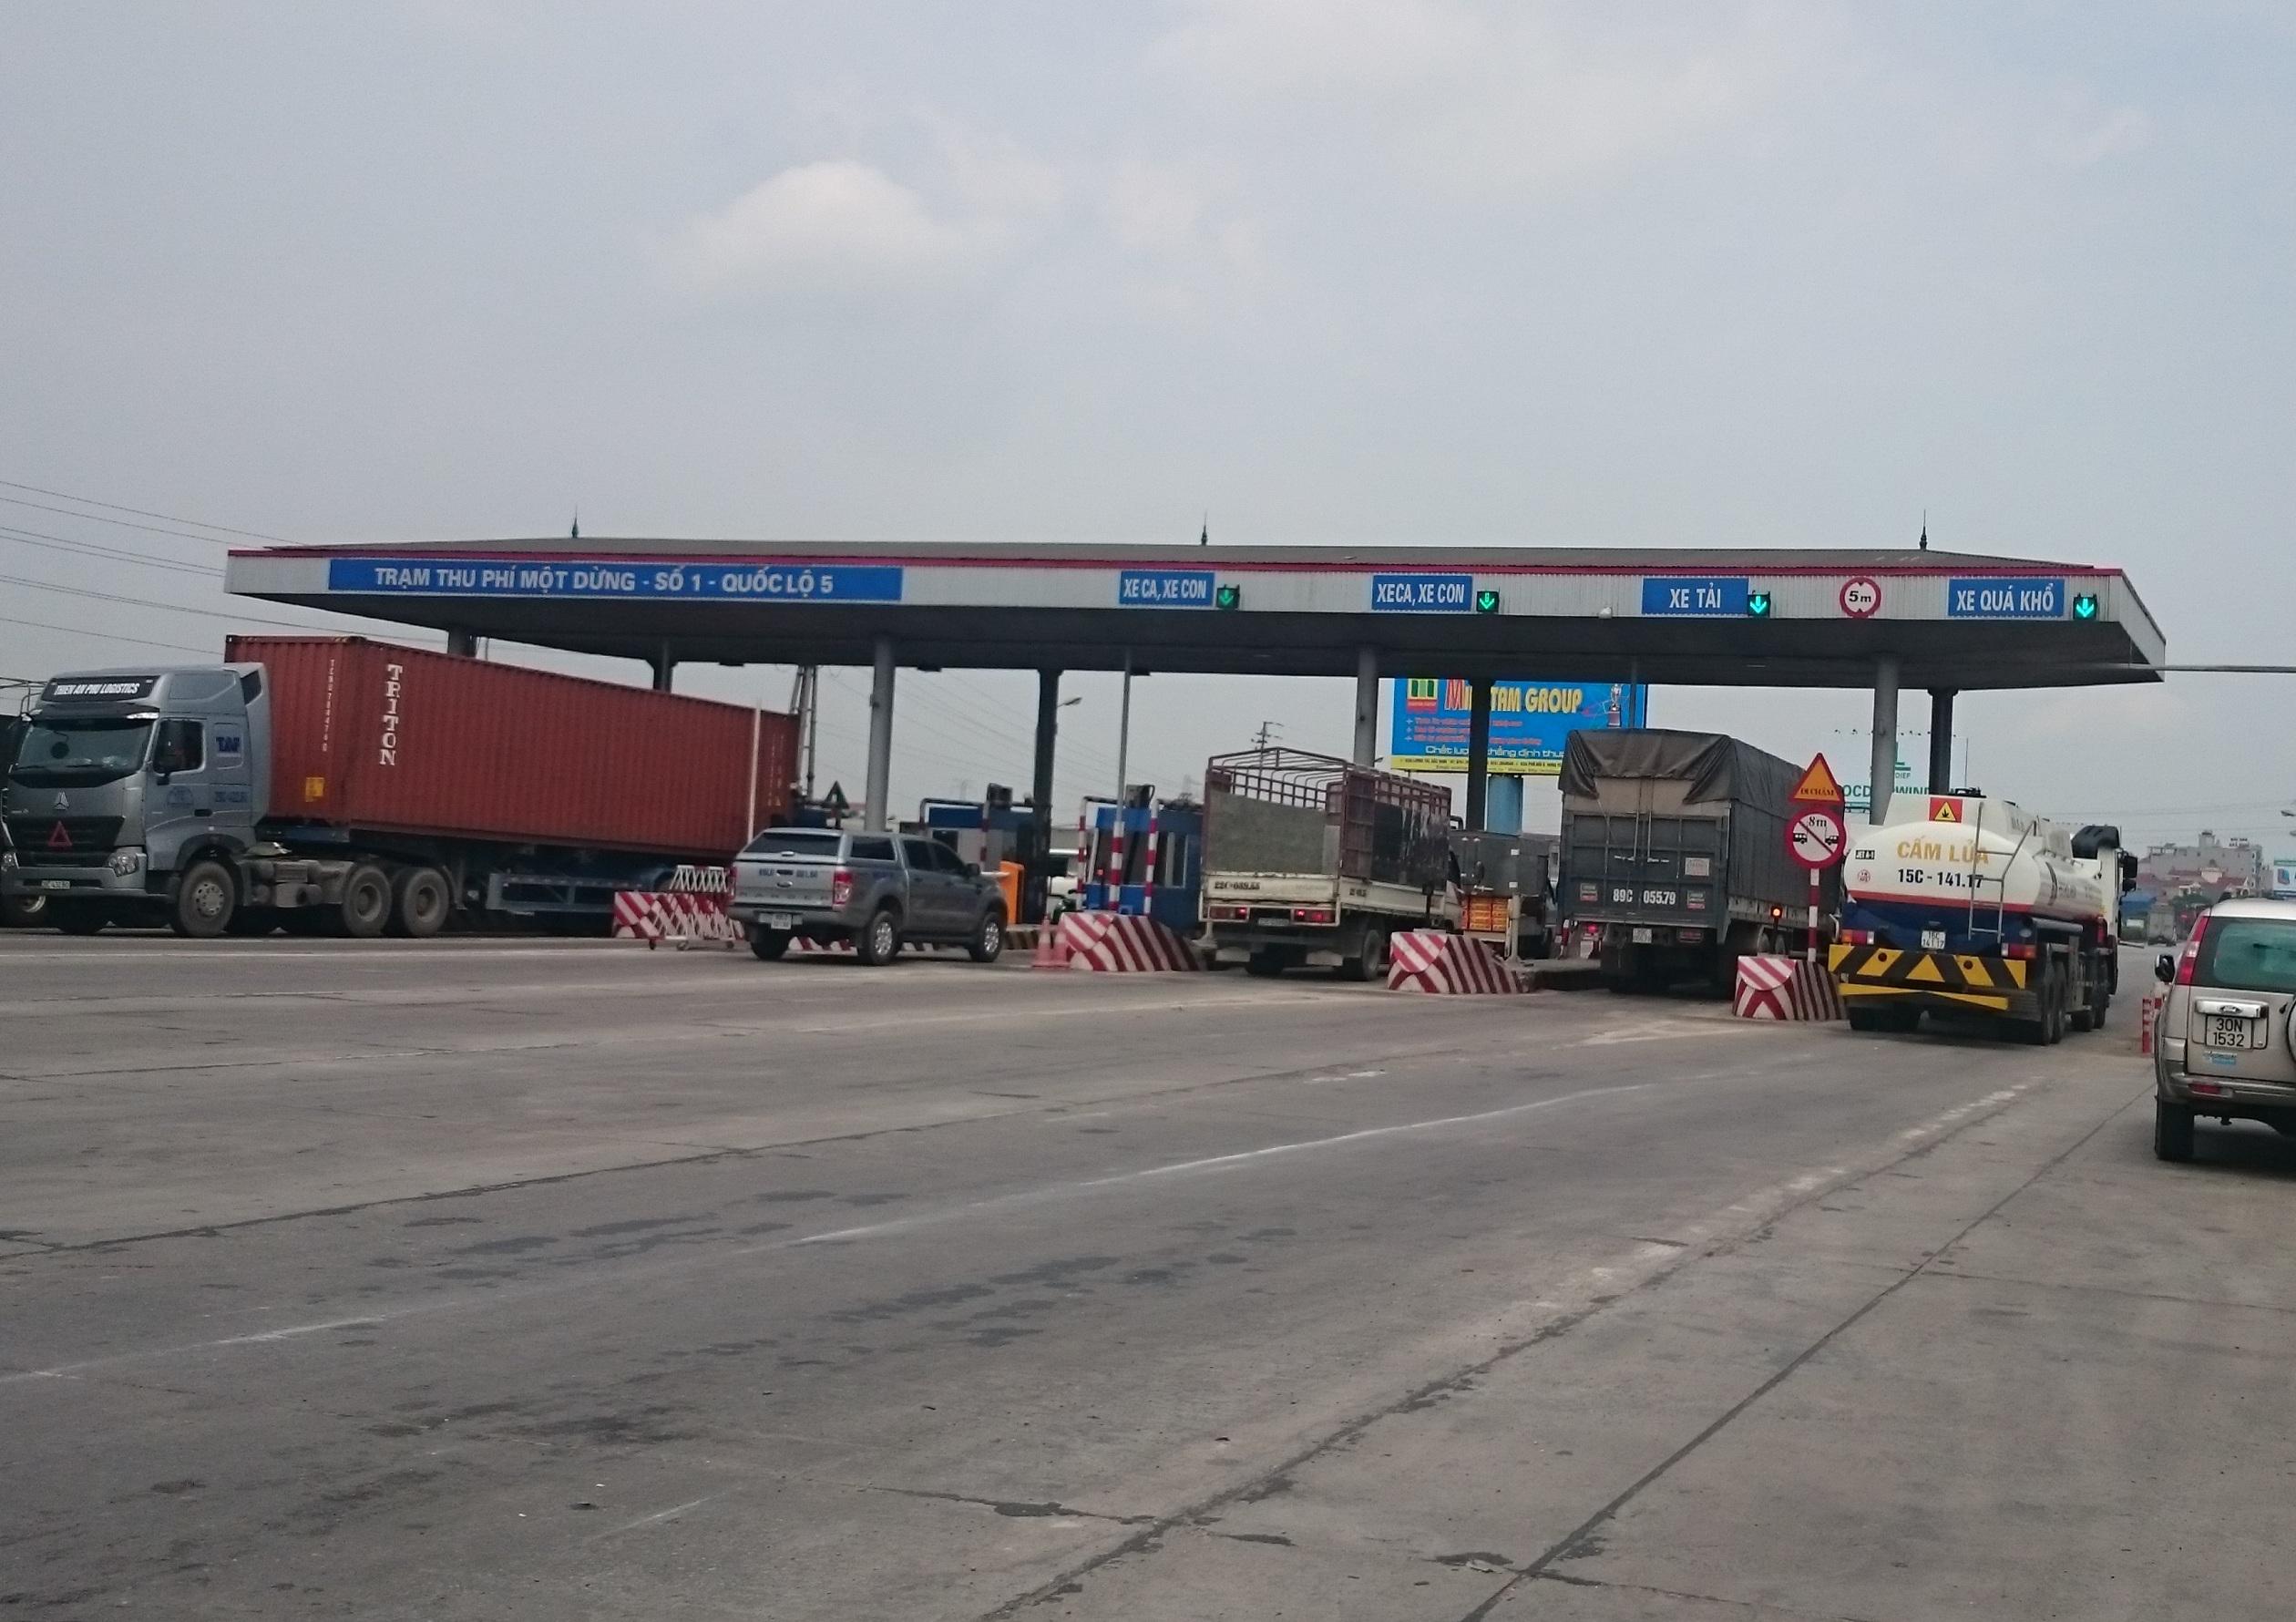 Bộ GTVT yêu cầu VIDIFI nghiên cứu phương án giảm phí trên QL5 và cao tốc Hà Nội - Hải Phòng theo kiến nghị của UBND tỉnh Hải Dương (ảnh chụp trạm thu phí số 1 trên QL5)